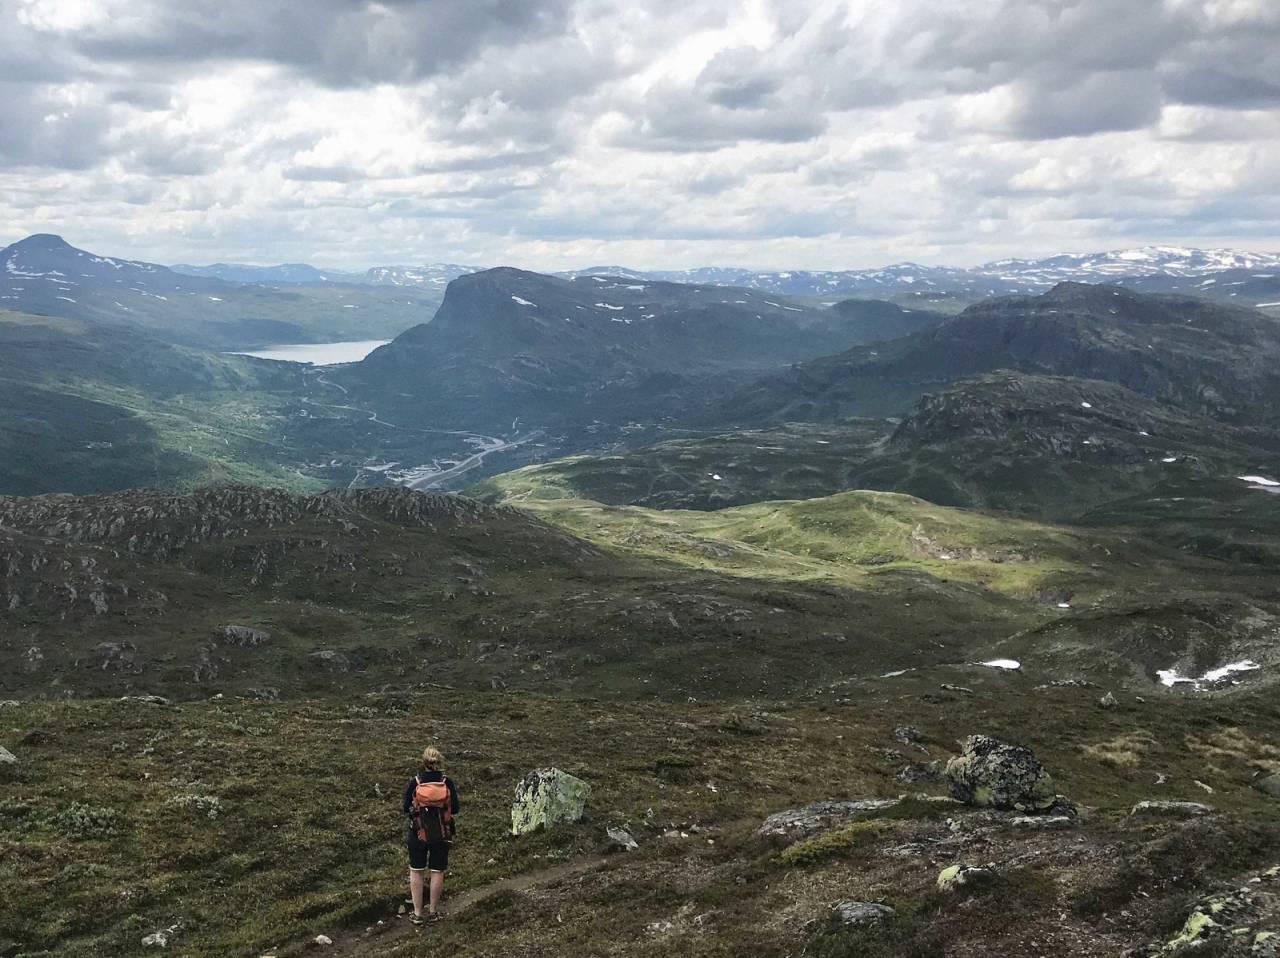 sommer-toppturer tyin vang Filefjell